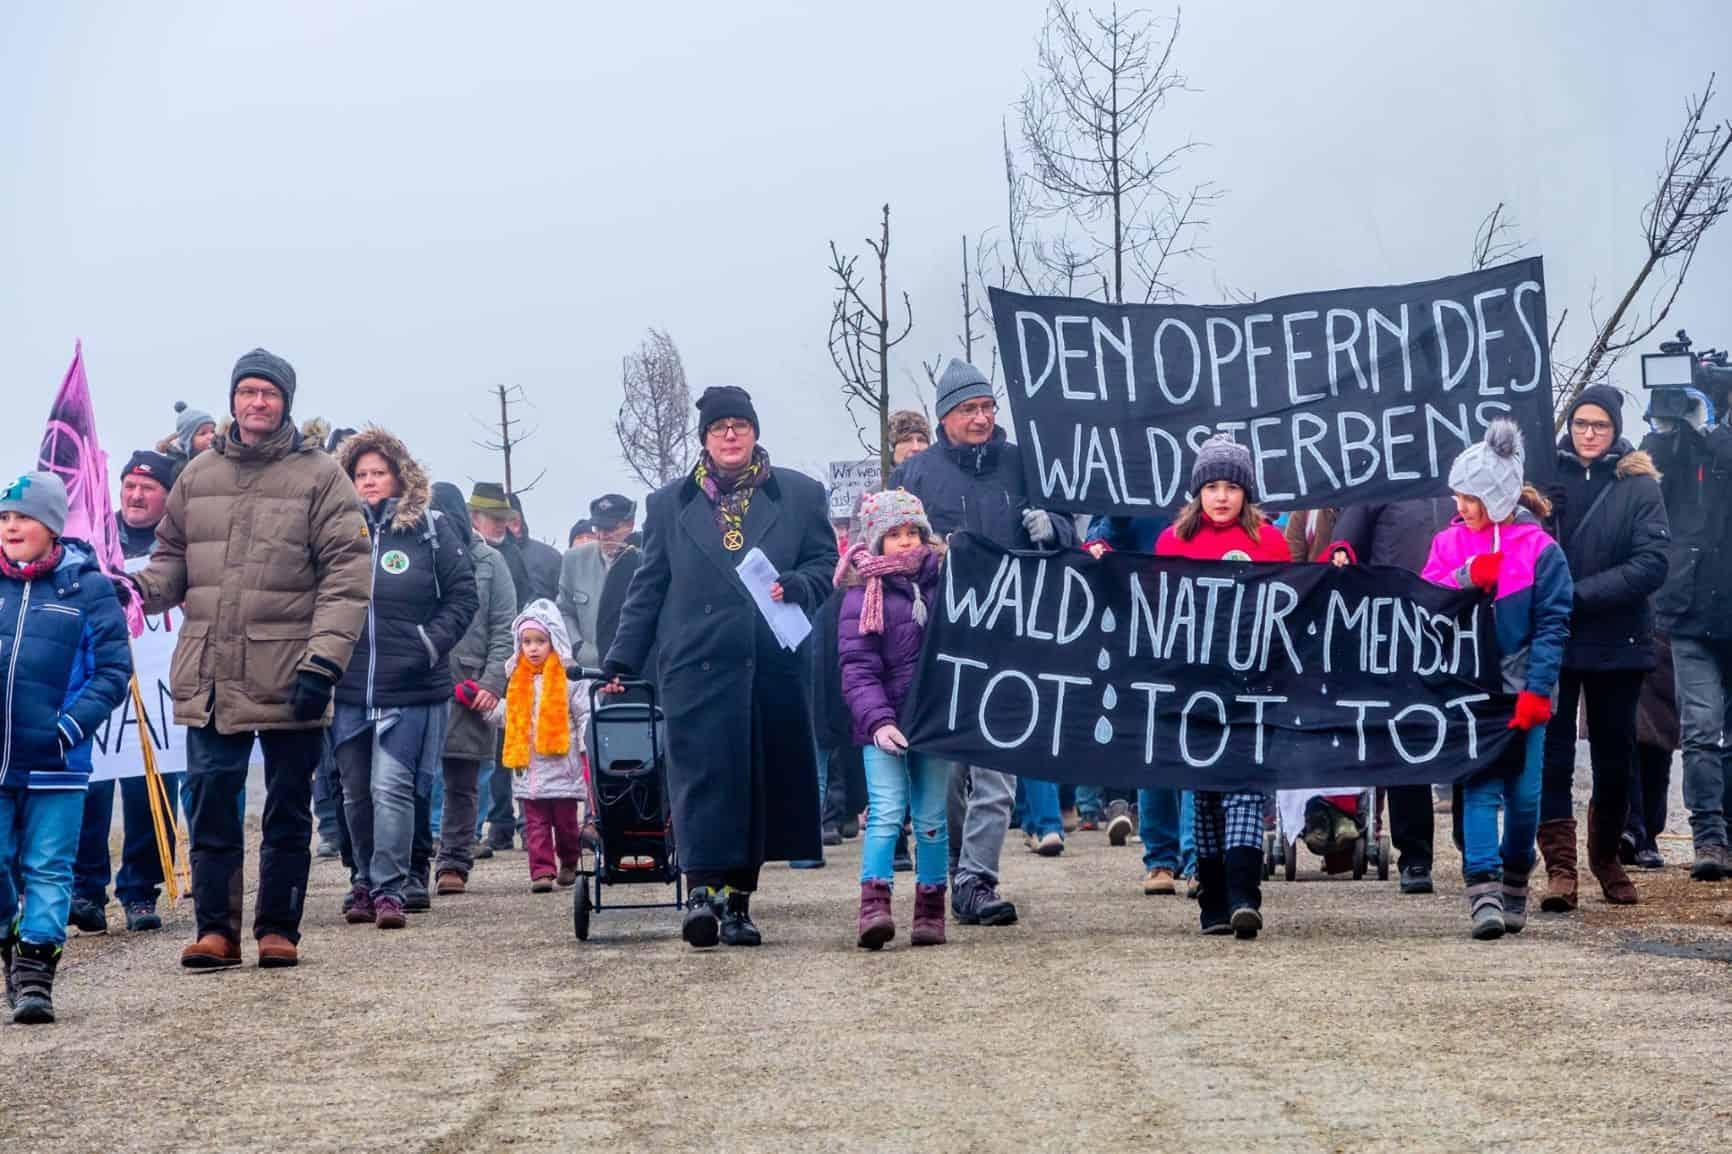 AktivistInnen demonstrieren gegen Klimawandel und Waldsterben